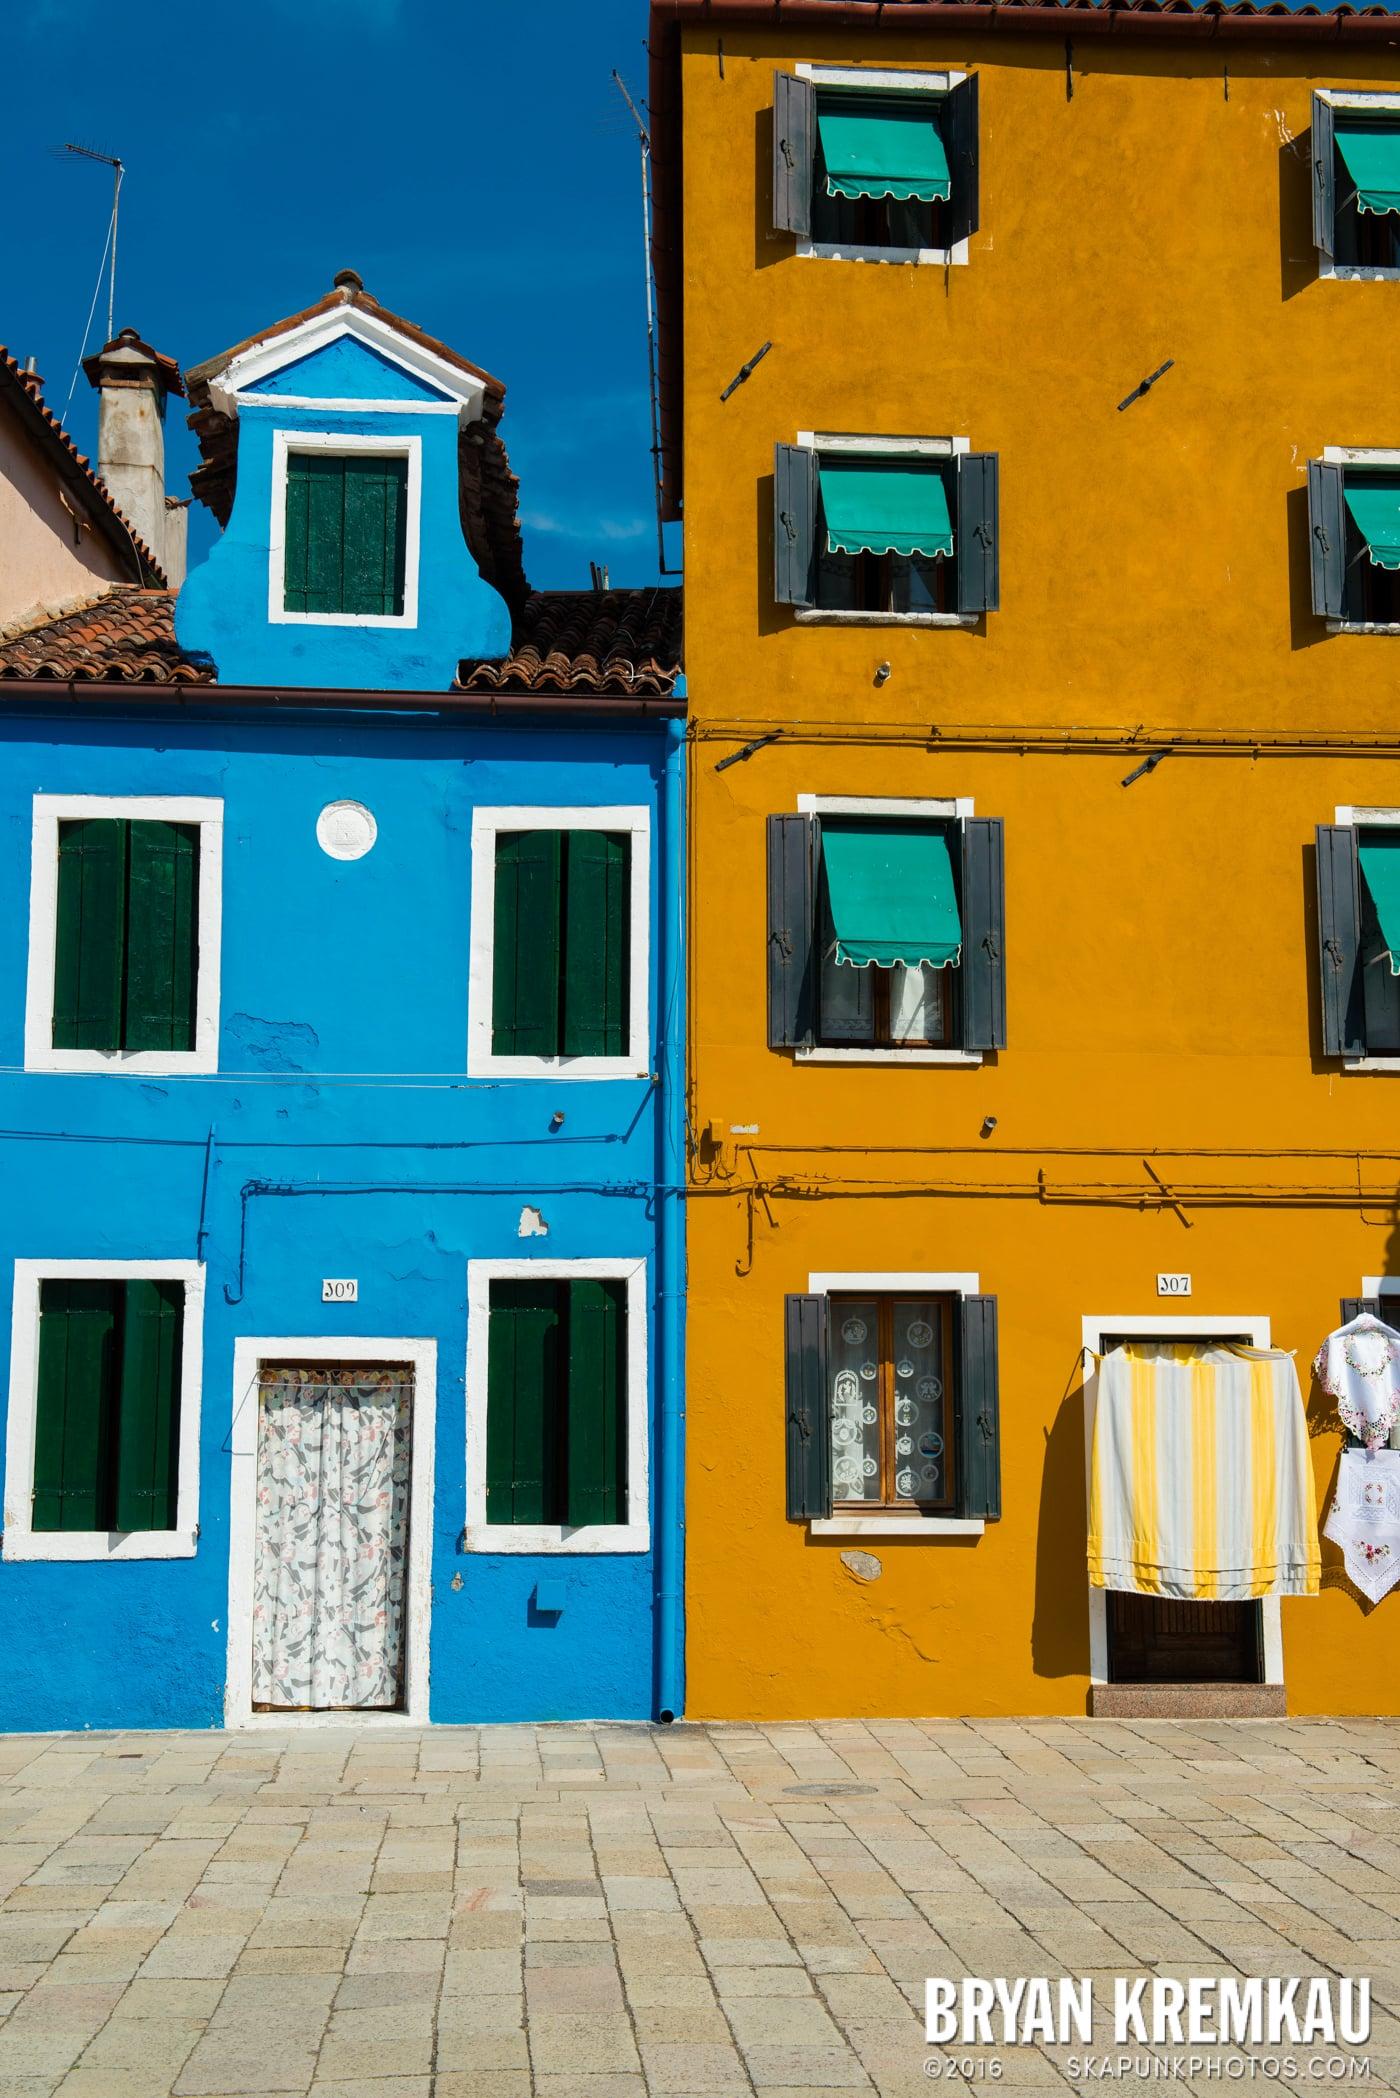 Italy Vacation - Day 6: Murano, Burano, Venice - 9.14.13 (60)